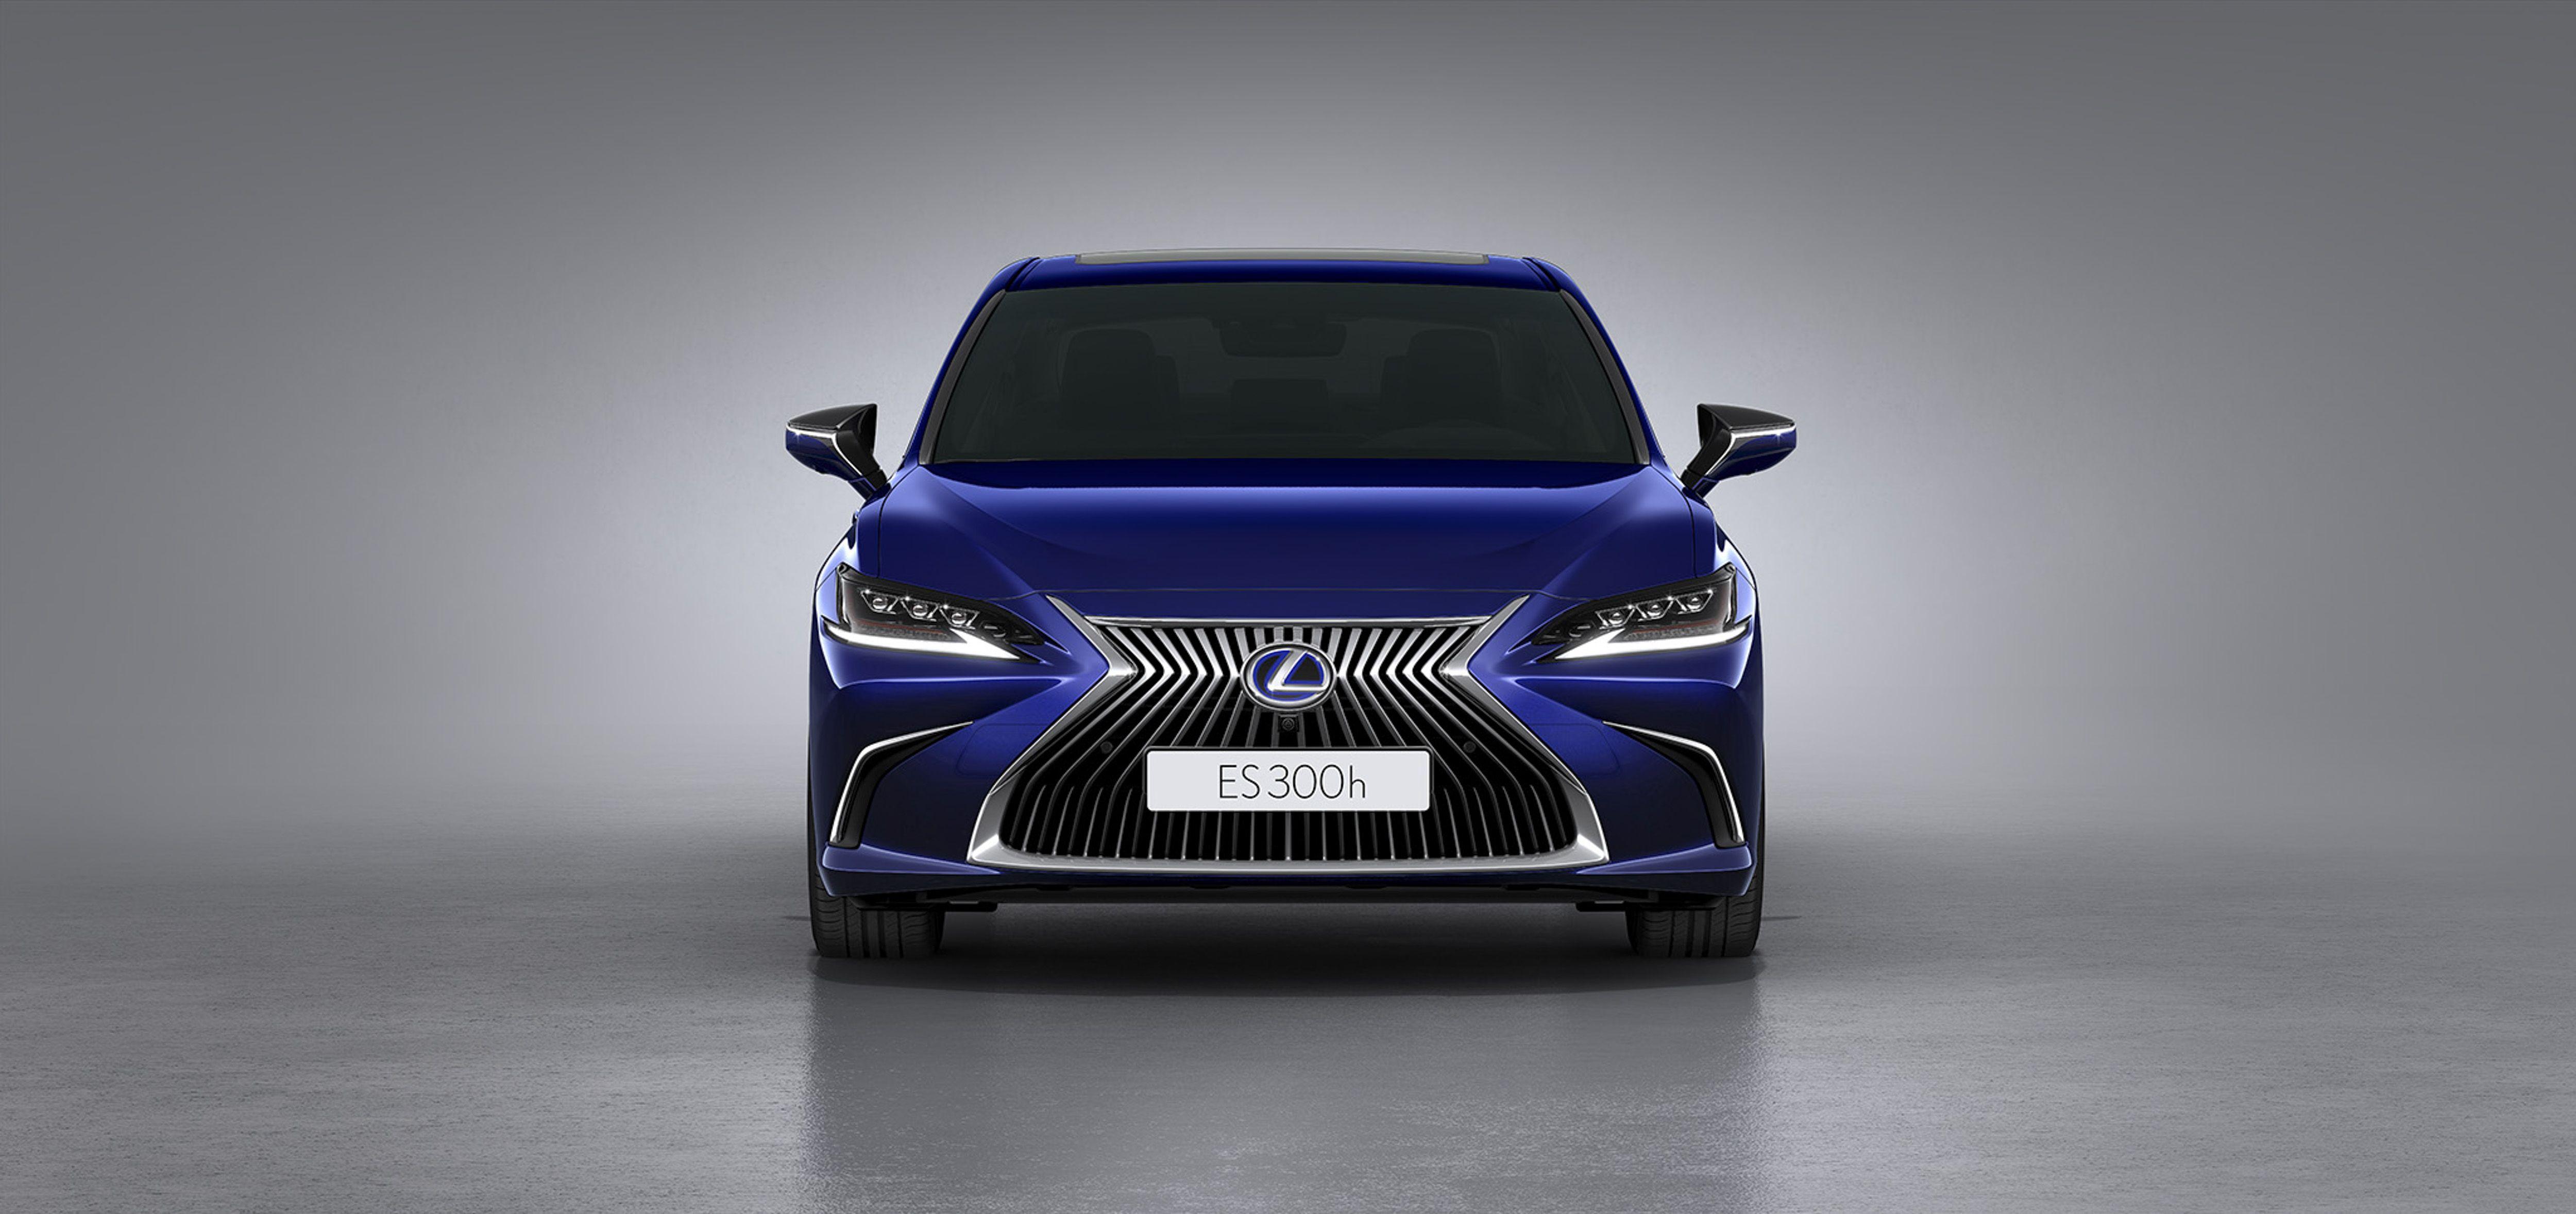 Lexus Is 300H 2020 Lexus, New lexus, Fuel economy